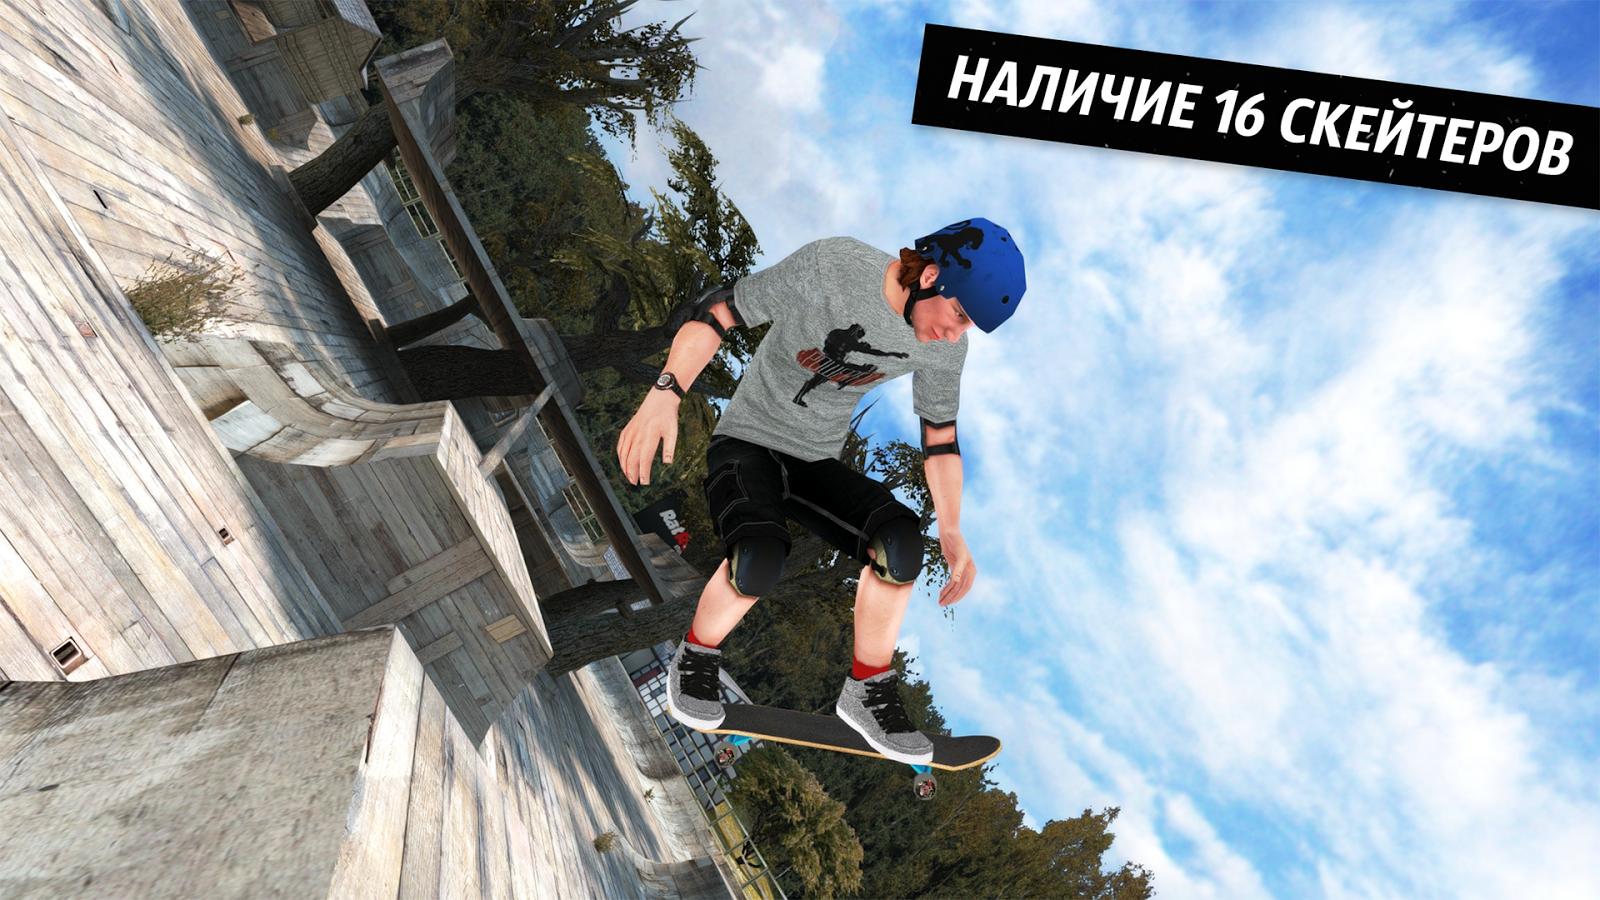 Скачать skate 3 игру